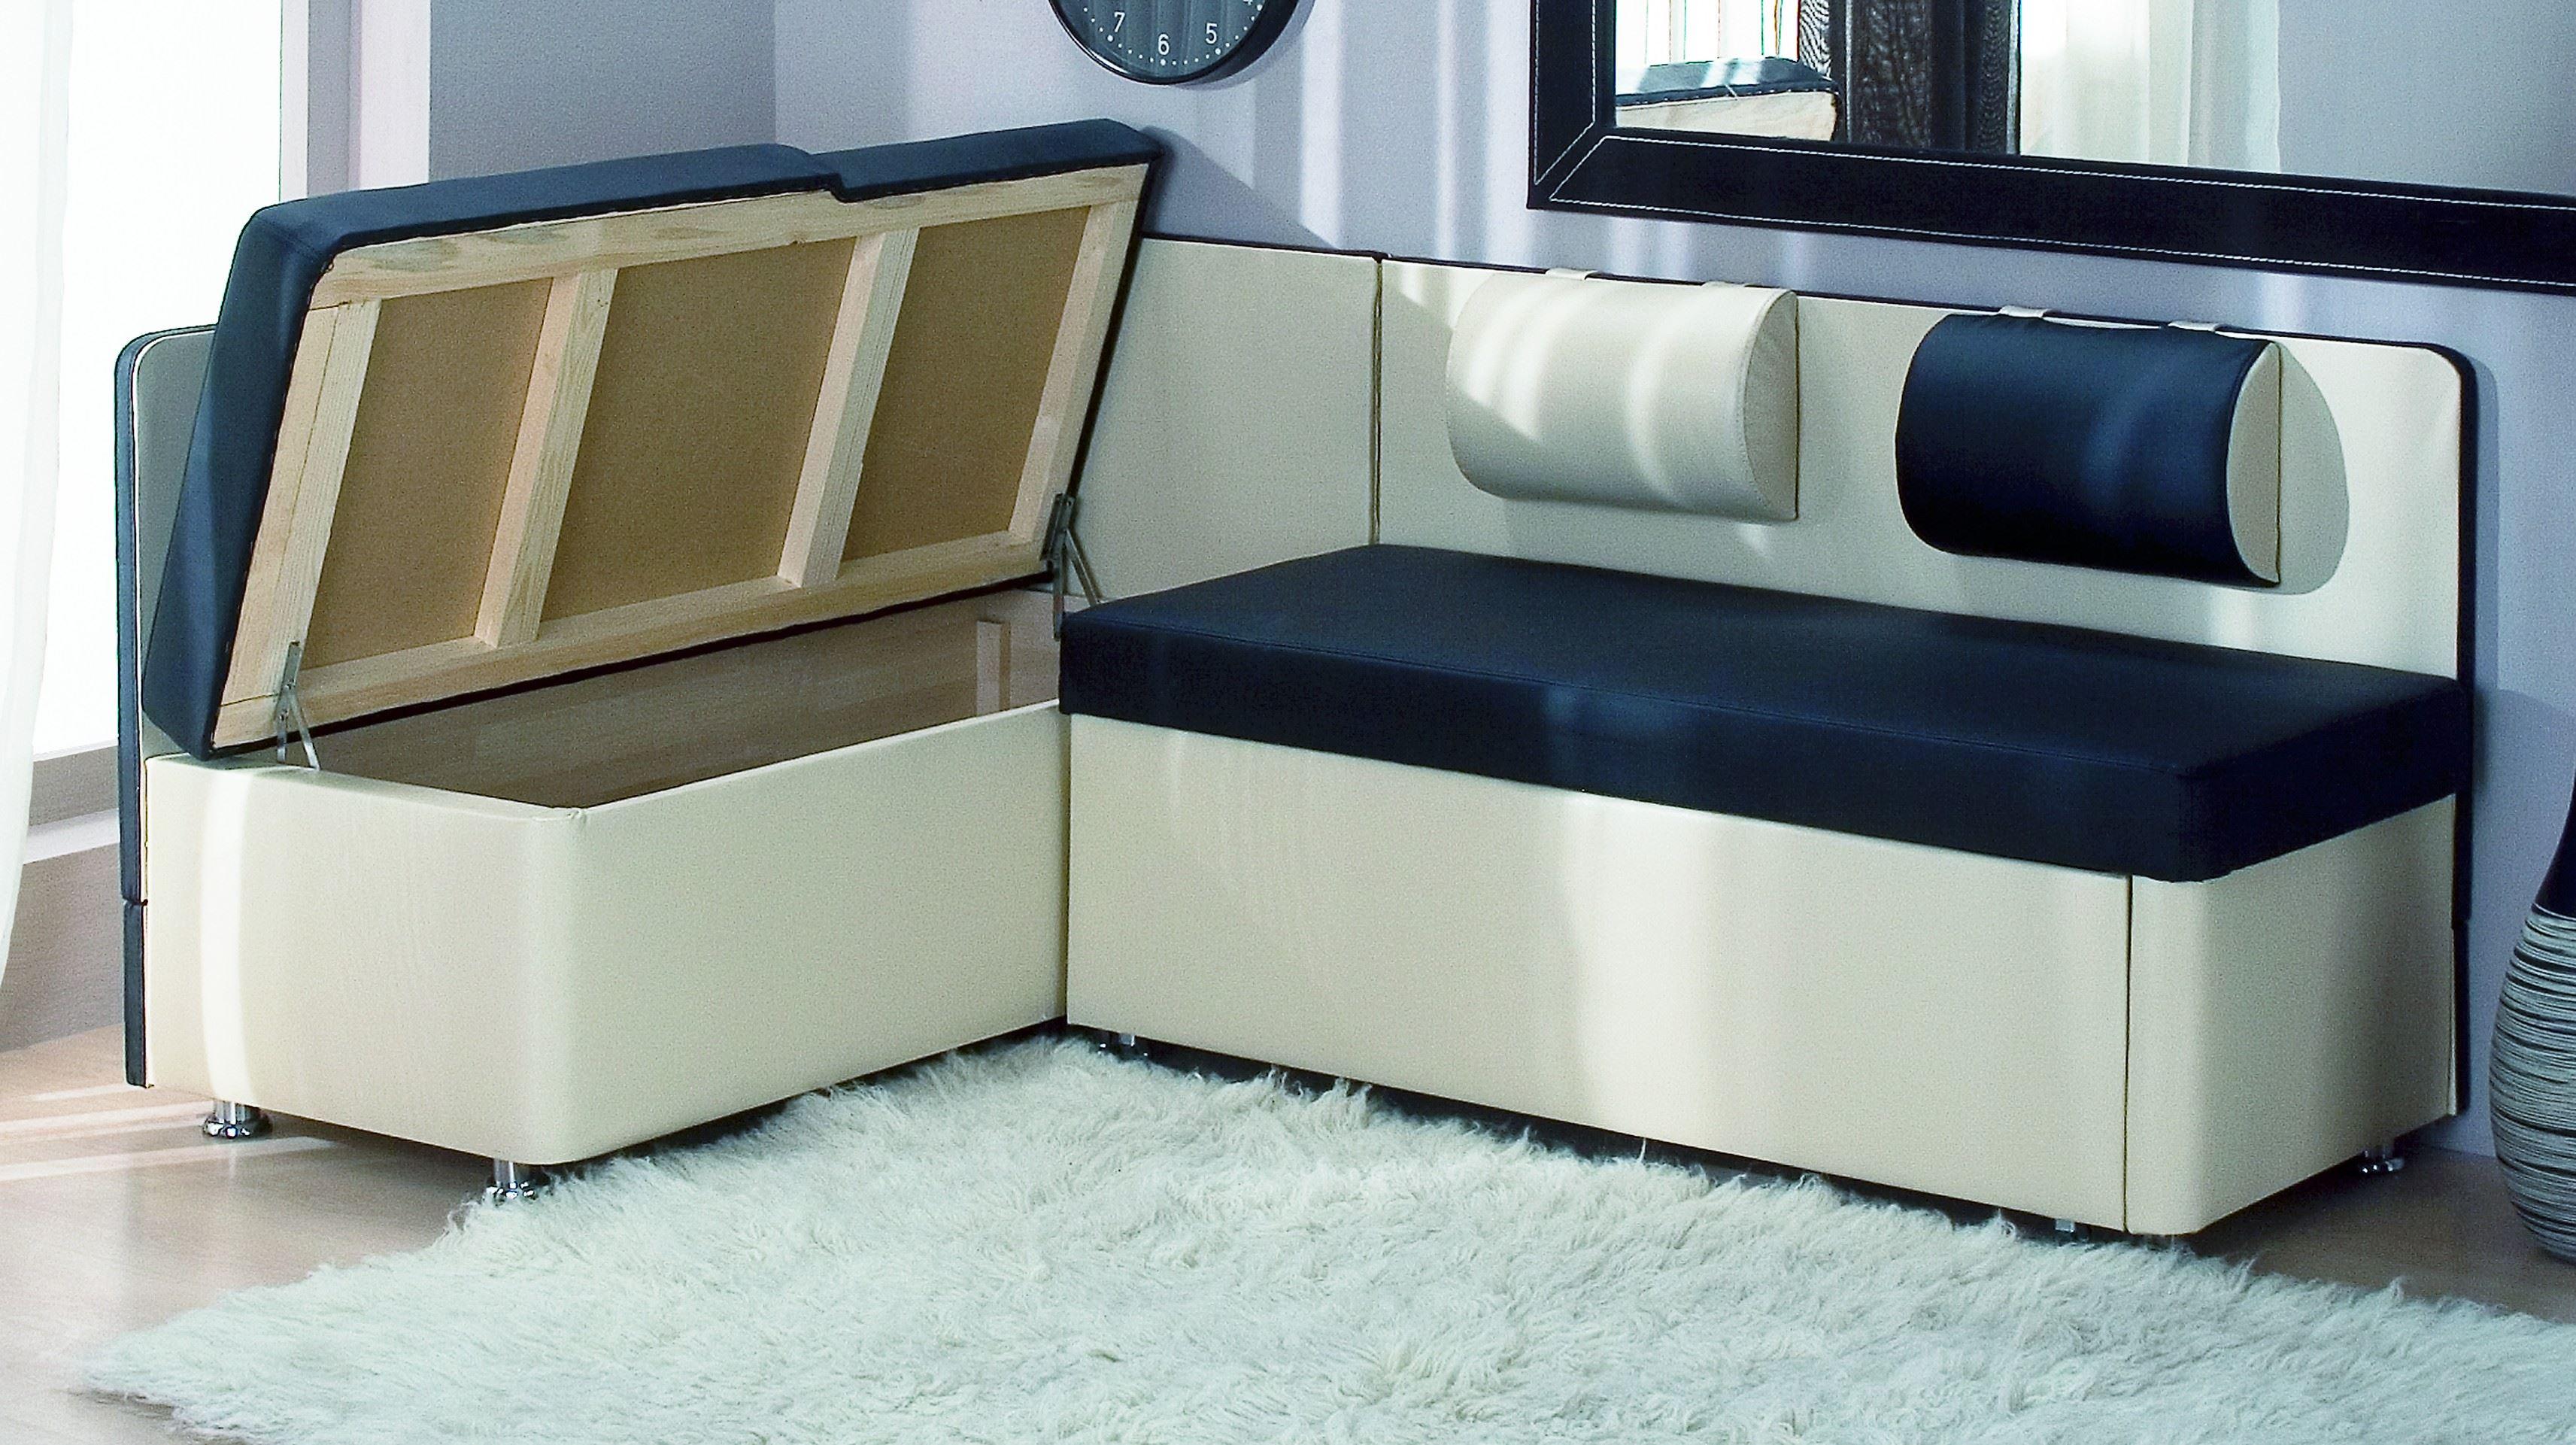 Кожаный диван на кухню виды и особенности кухонных уголков с.